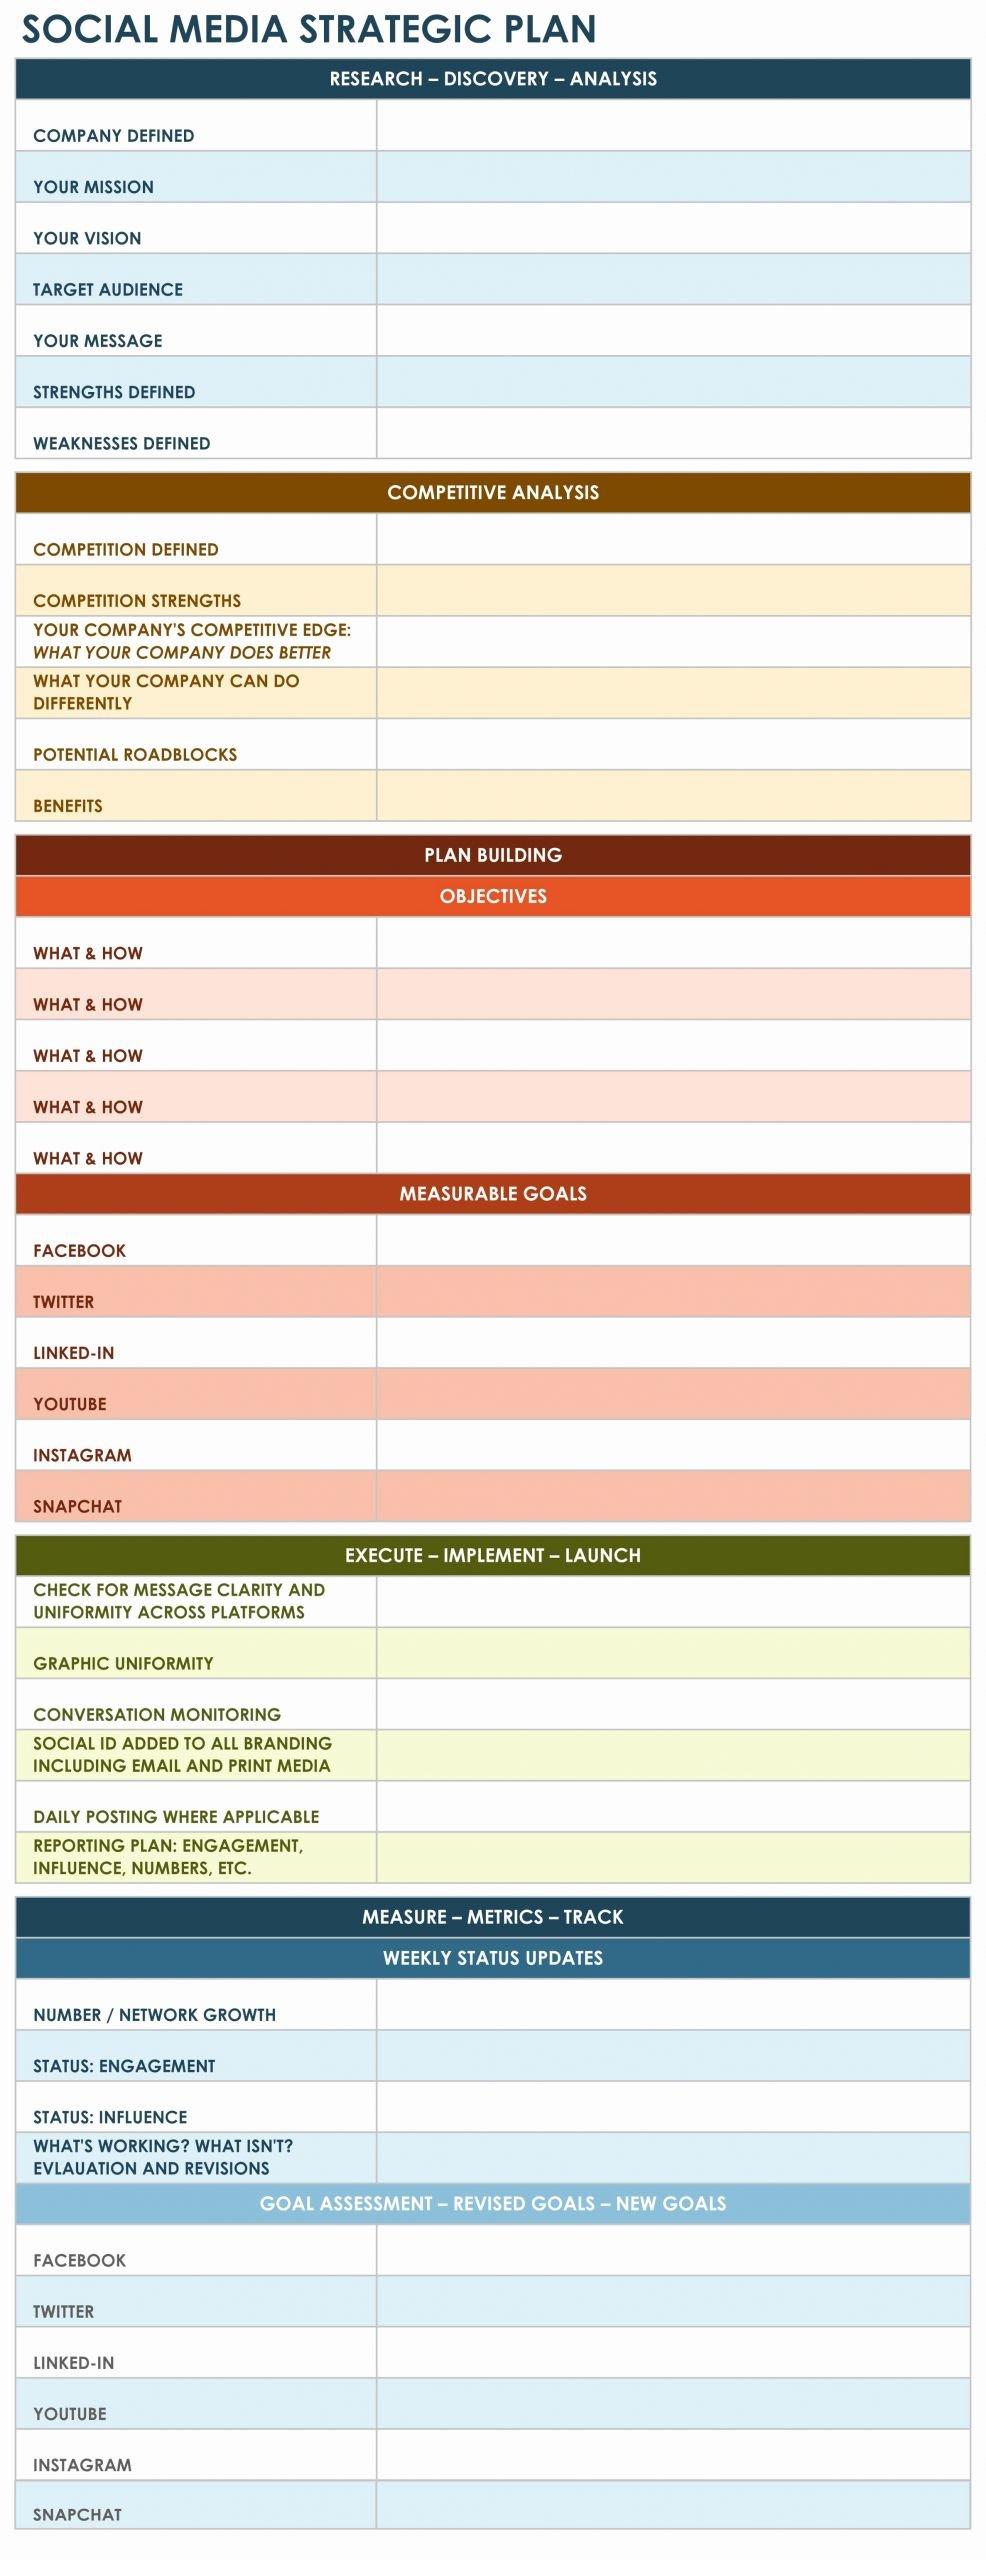 Strategic Planning Template Excel Unique social Media Strategic Plan Excel Template